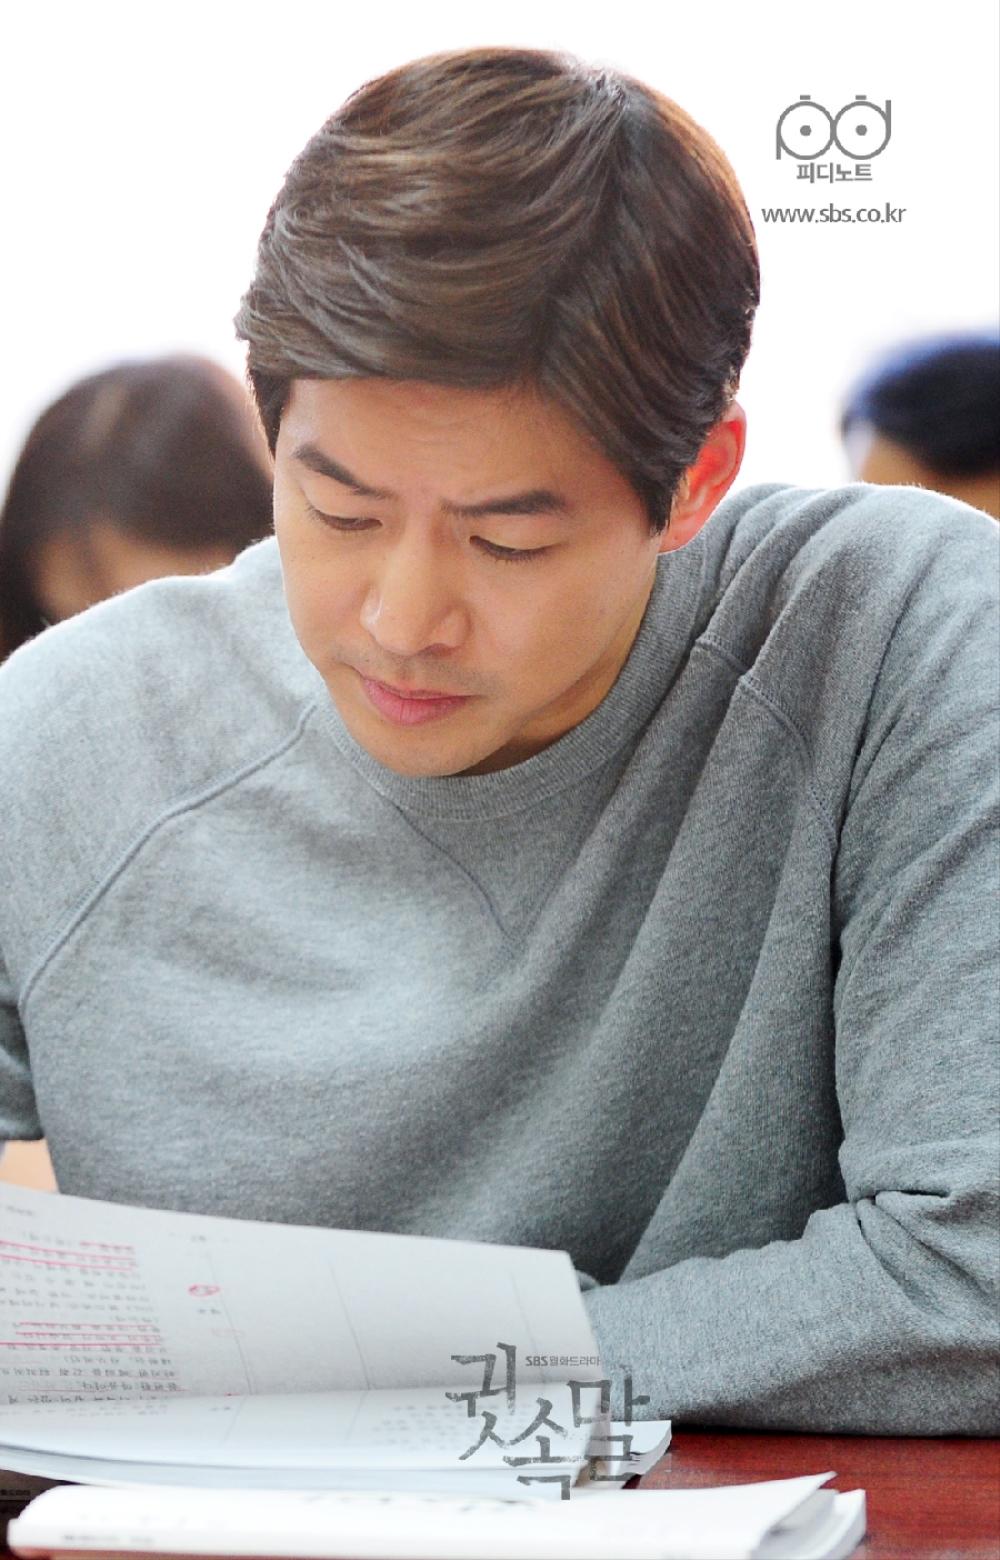 이상윤 귓속말 대본리딩 현장에서 대본 읽고 있는 사진